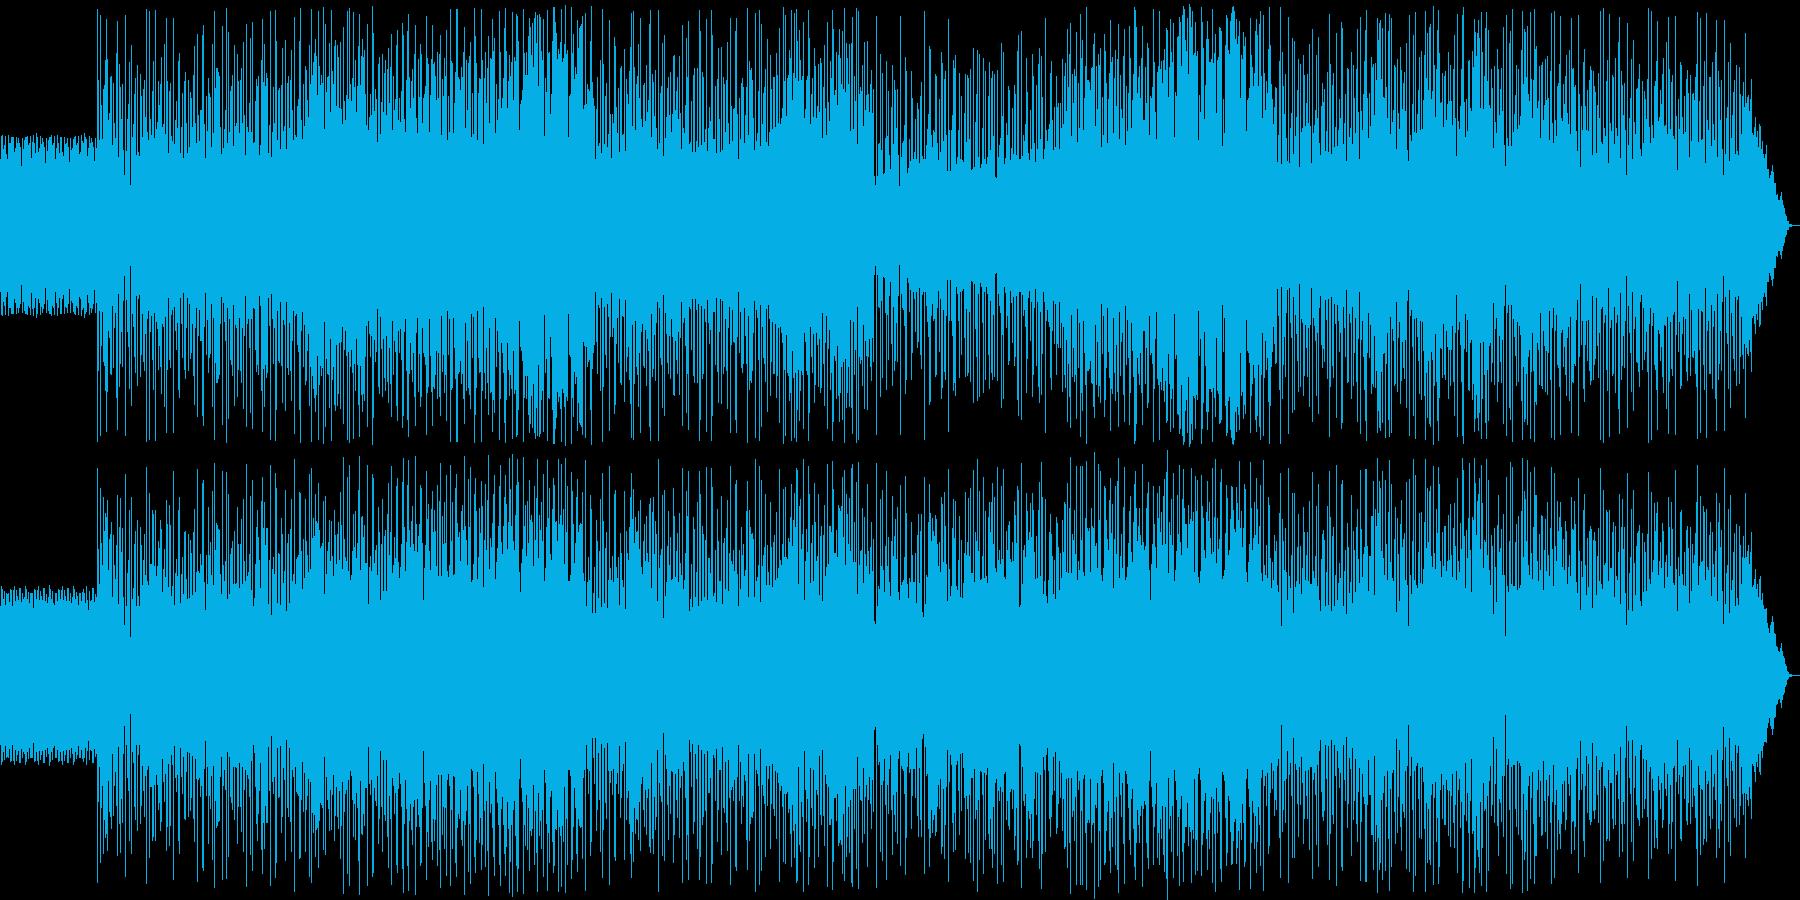 SF バトル 脱出 ドラムンベース風の再生済みの波形